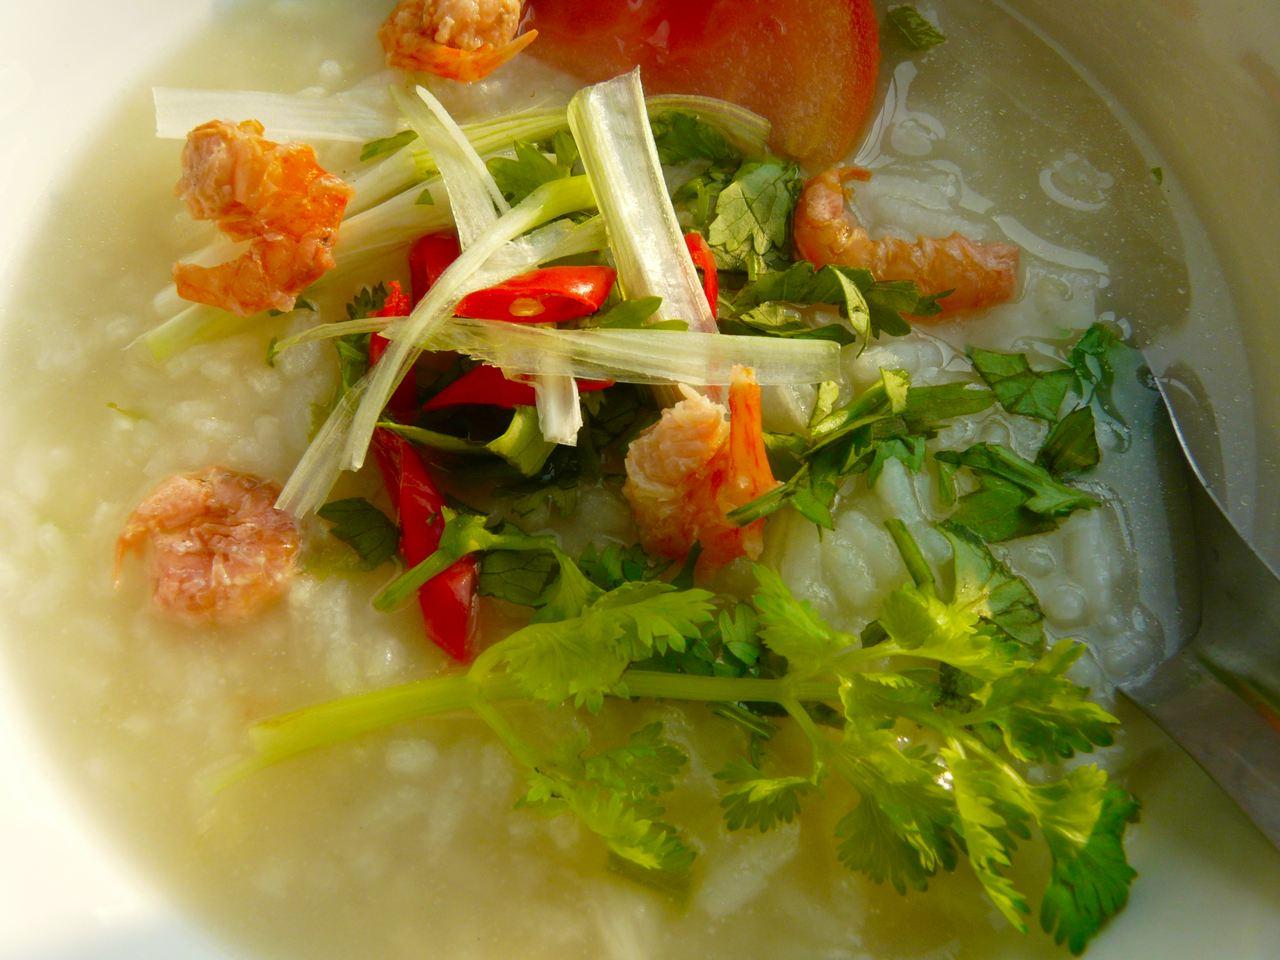 fertig angerichtet Reissuppe, wer mag gibt kleine getrocknete Krabben drauf oder gekochte Garnelen